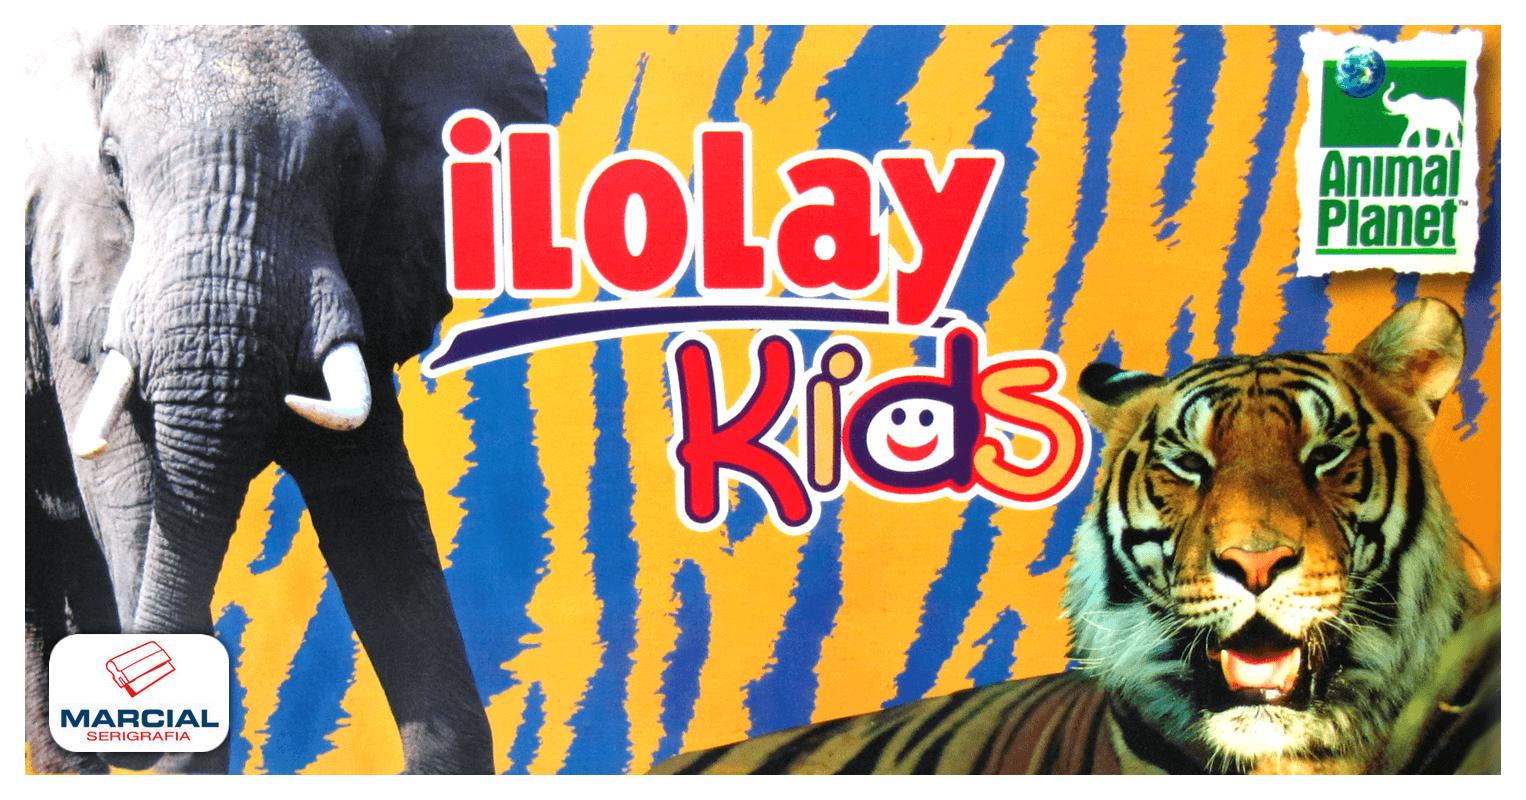 Cartel de Ilolay Kids impreso sobre alto impacto en cuatricromía.